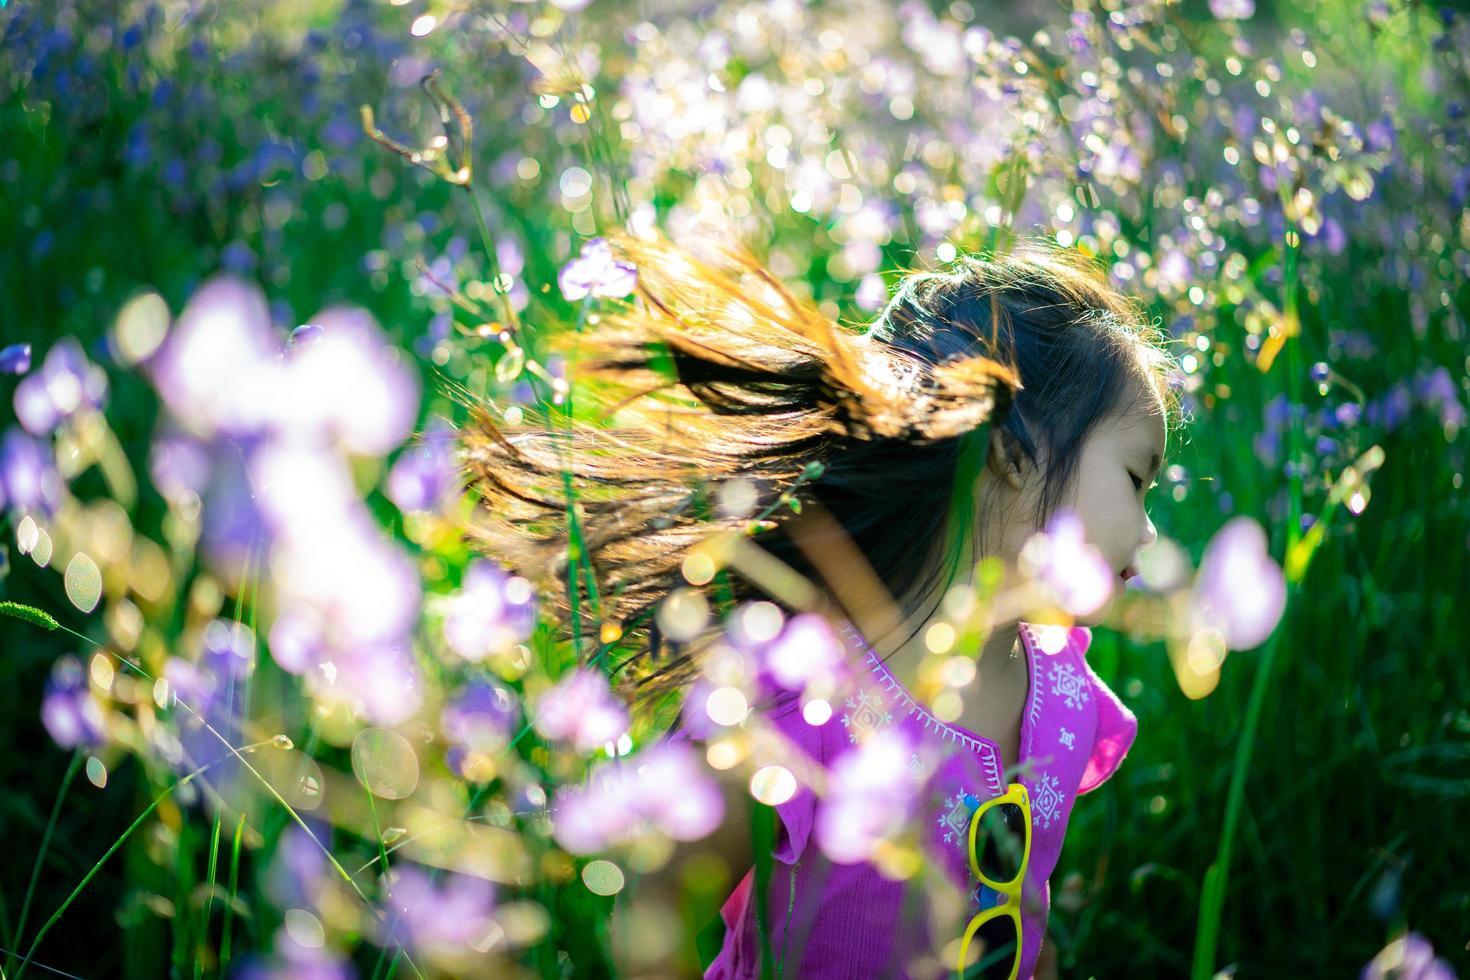 jovem menina asiática em um campo de flores foto